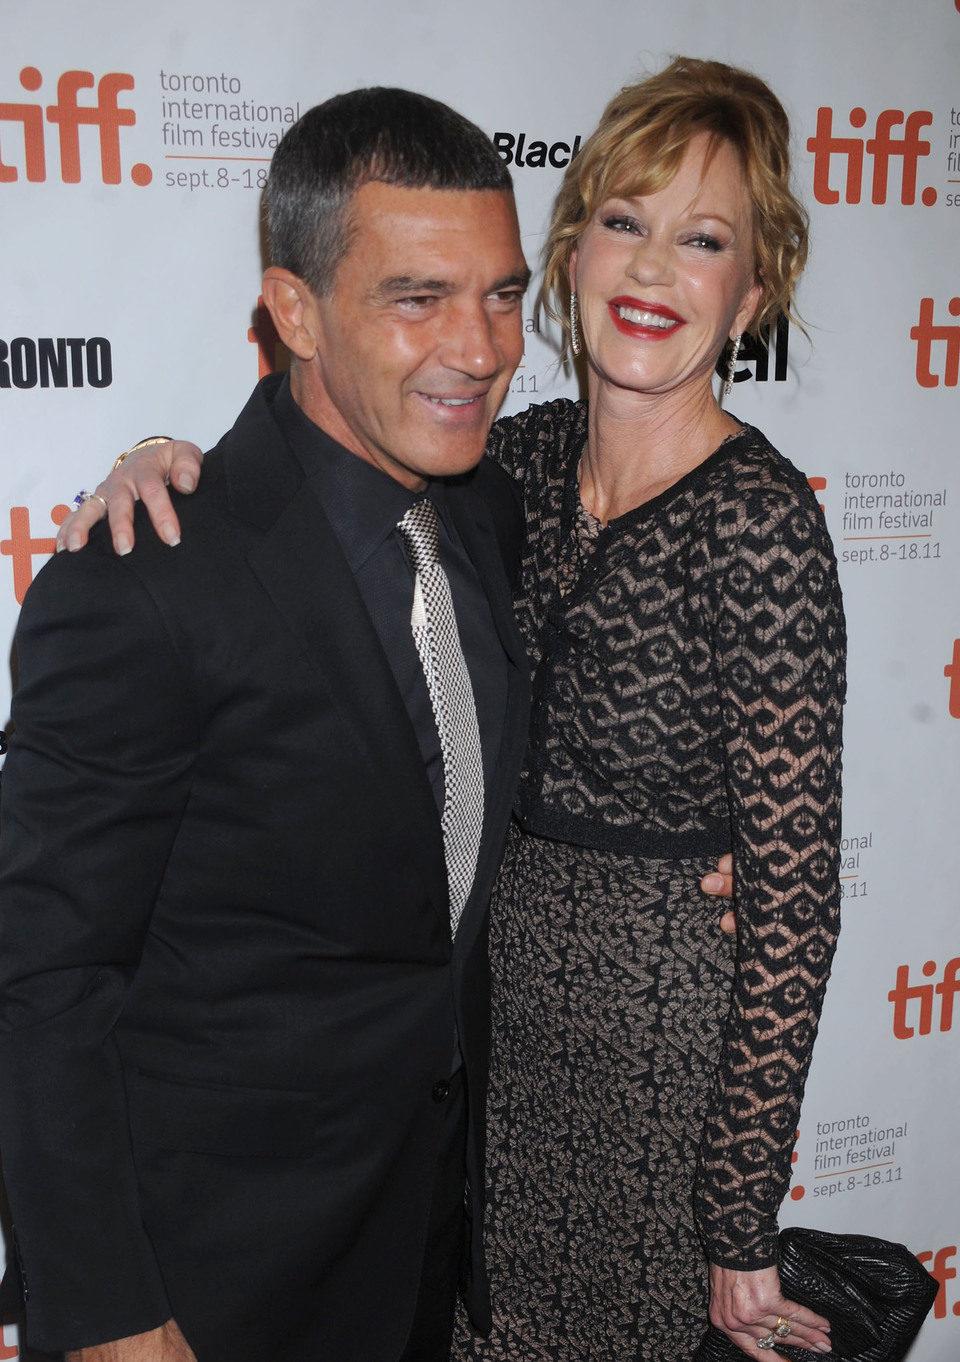 Antonio Banderas y Melanie Grifftih en la premiére de 'La piel que habito' en el TIFF